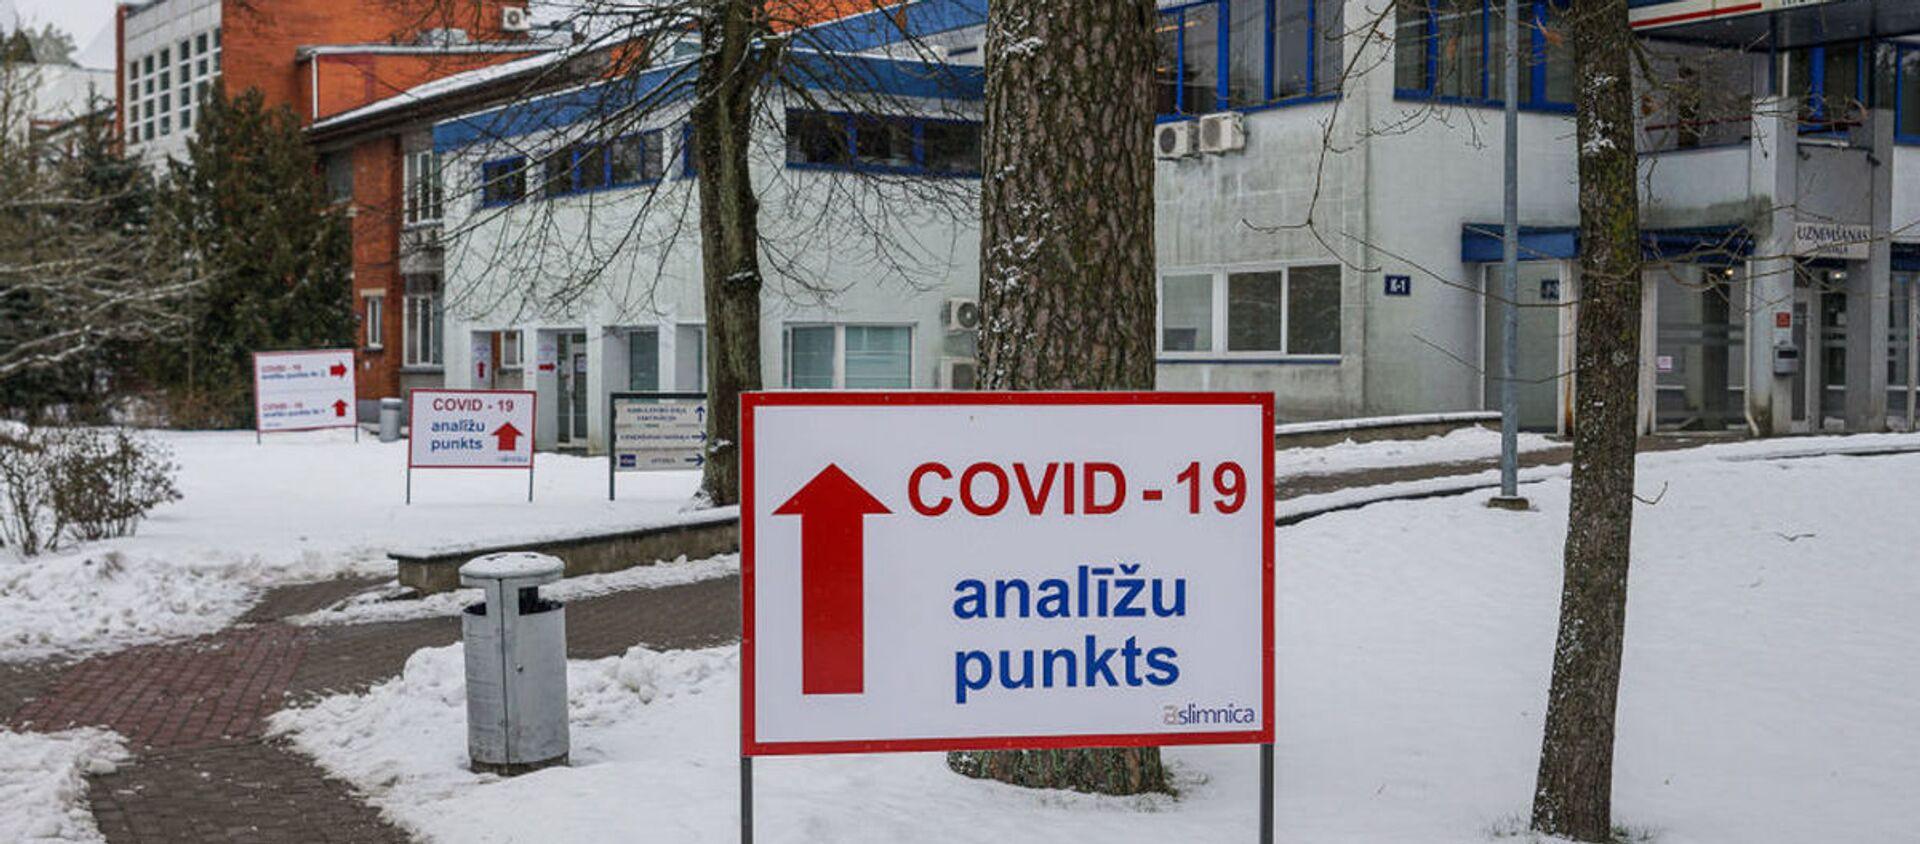 Указатель на пункт приема анализов по COVID в латвийском центре инфектологии - Sputnik Беларусь, 1920, 03.02.2021